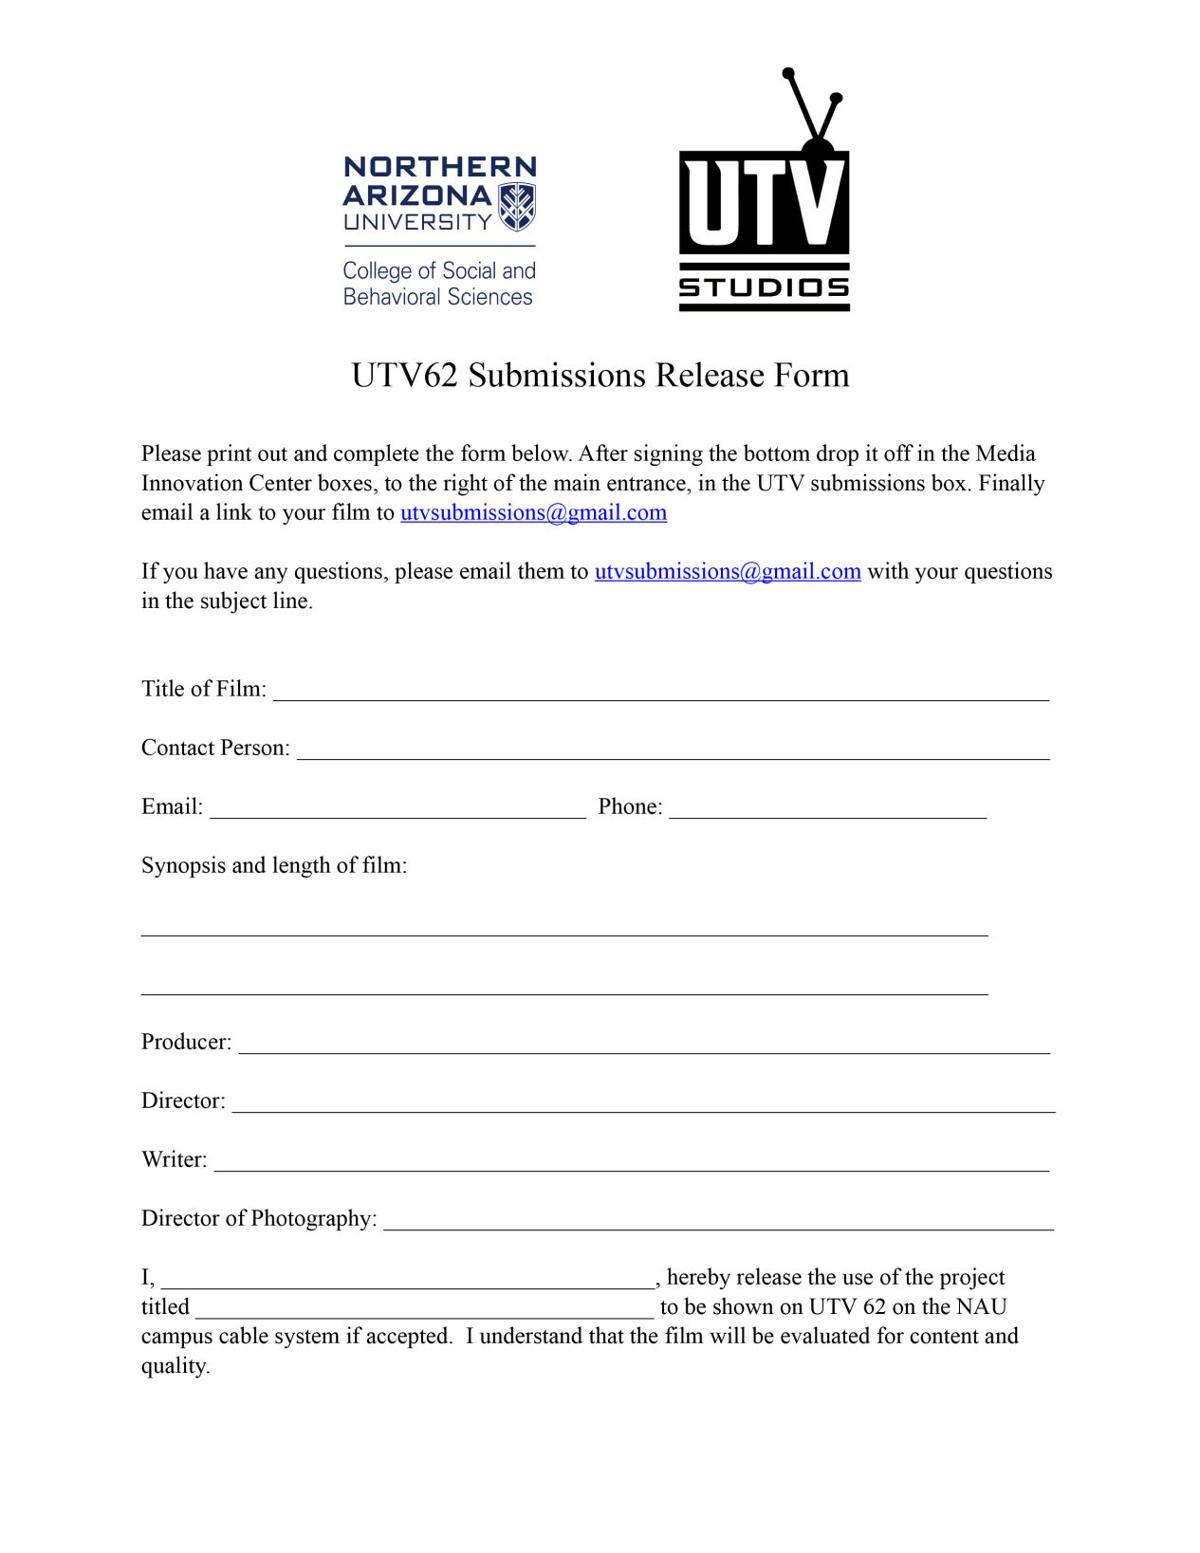 UTV Short Film Submissions